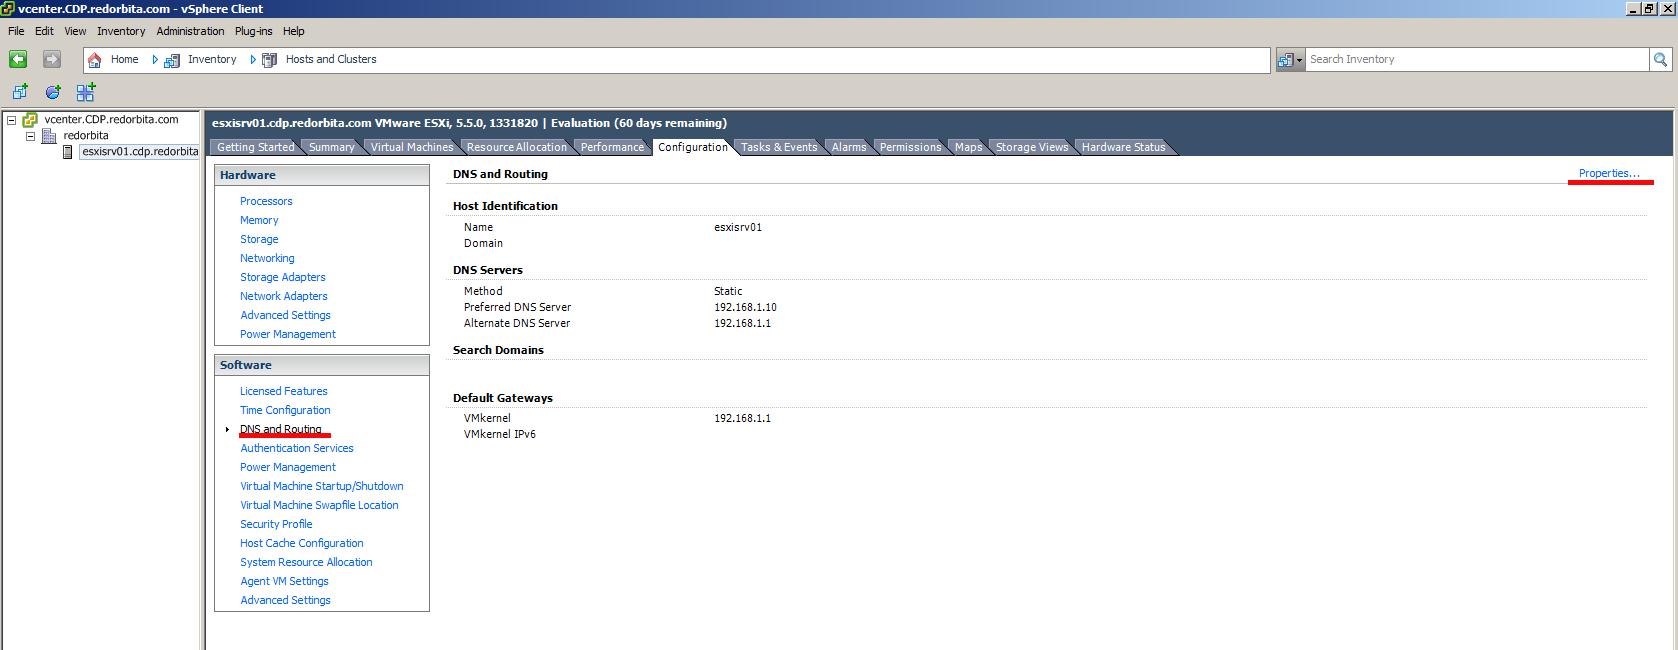 Captura de pantalla de 2014-10-03 17:07:07